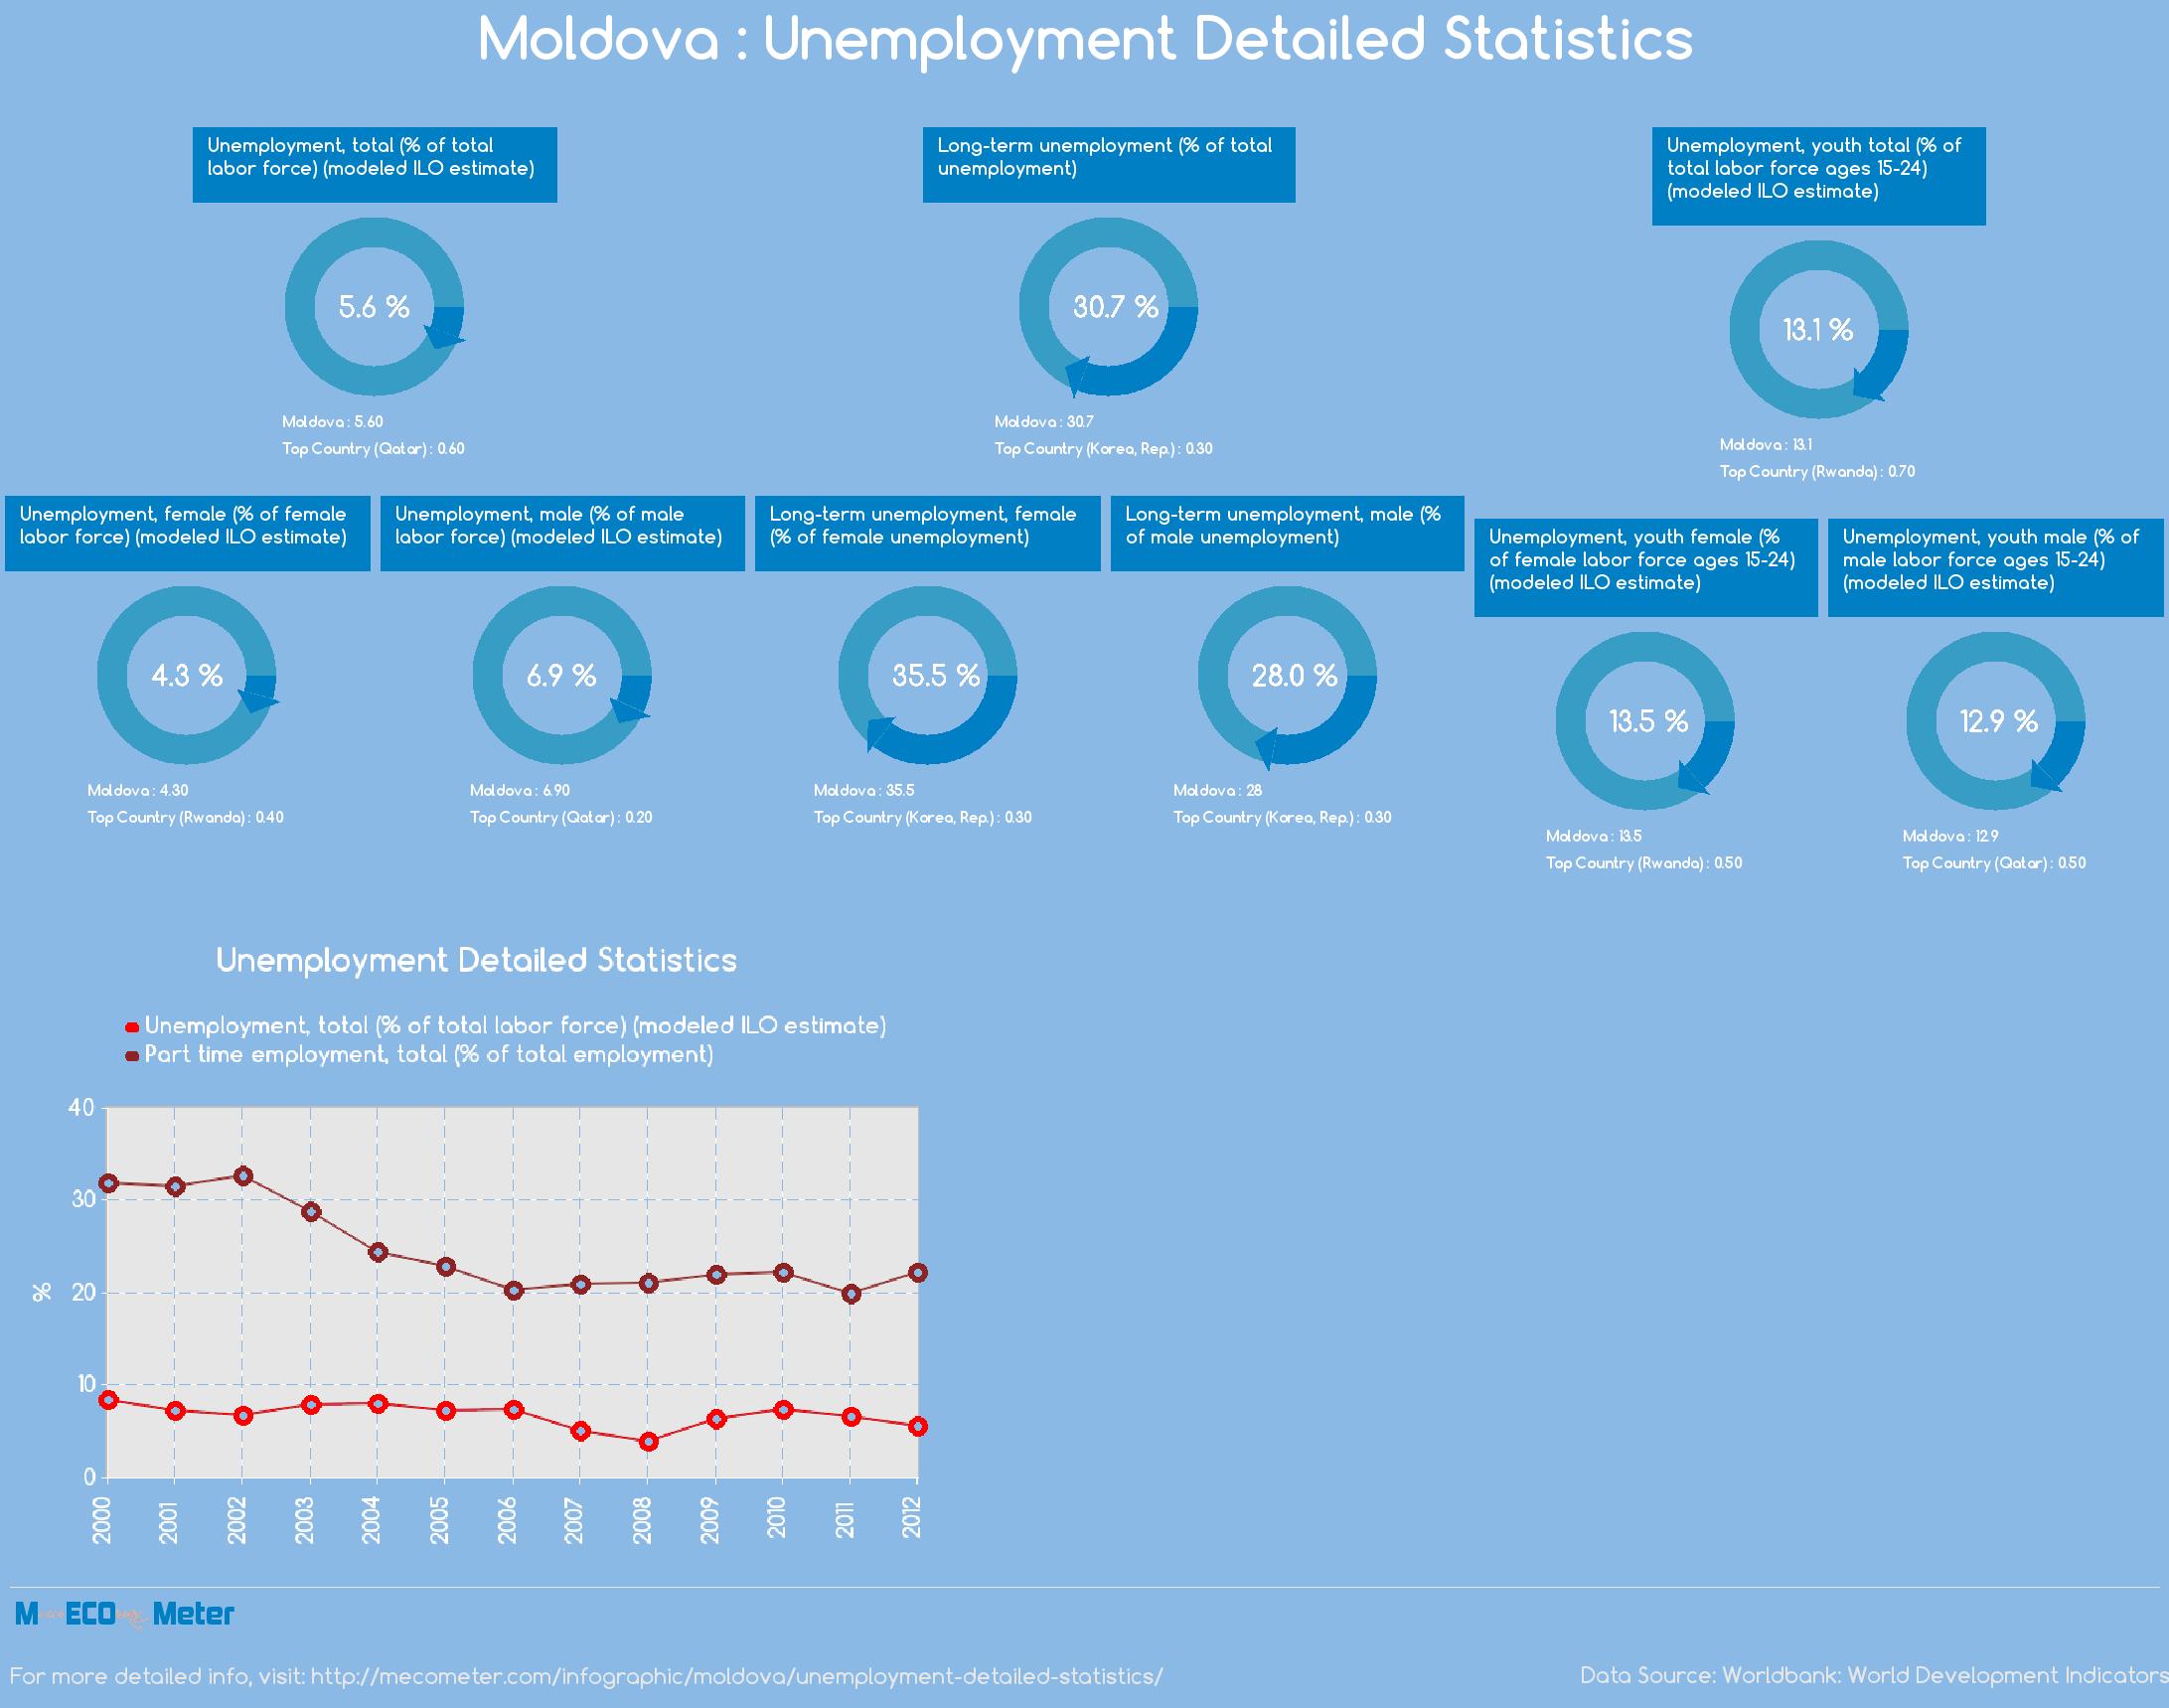 Moldova : Unemployment Detailed Statistics